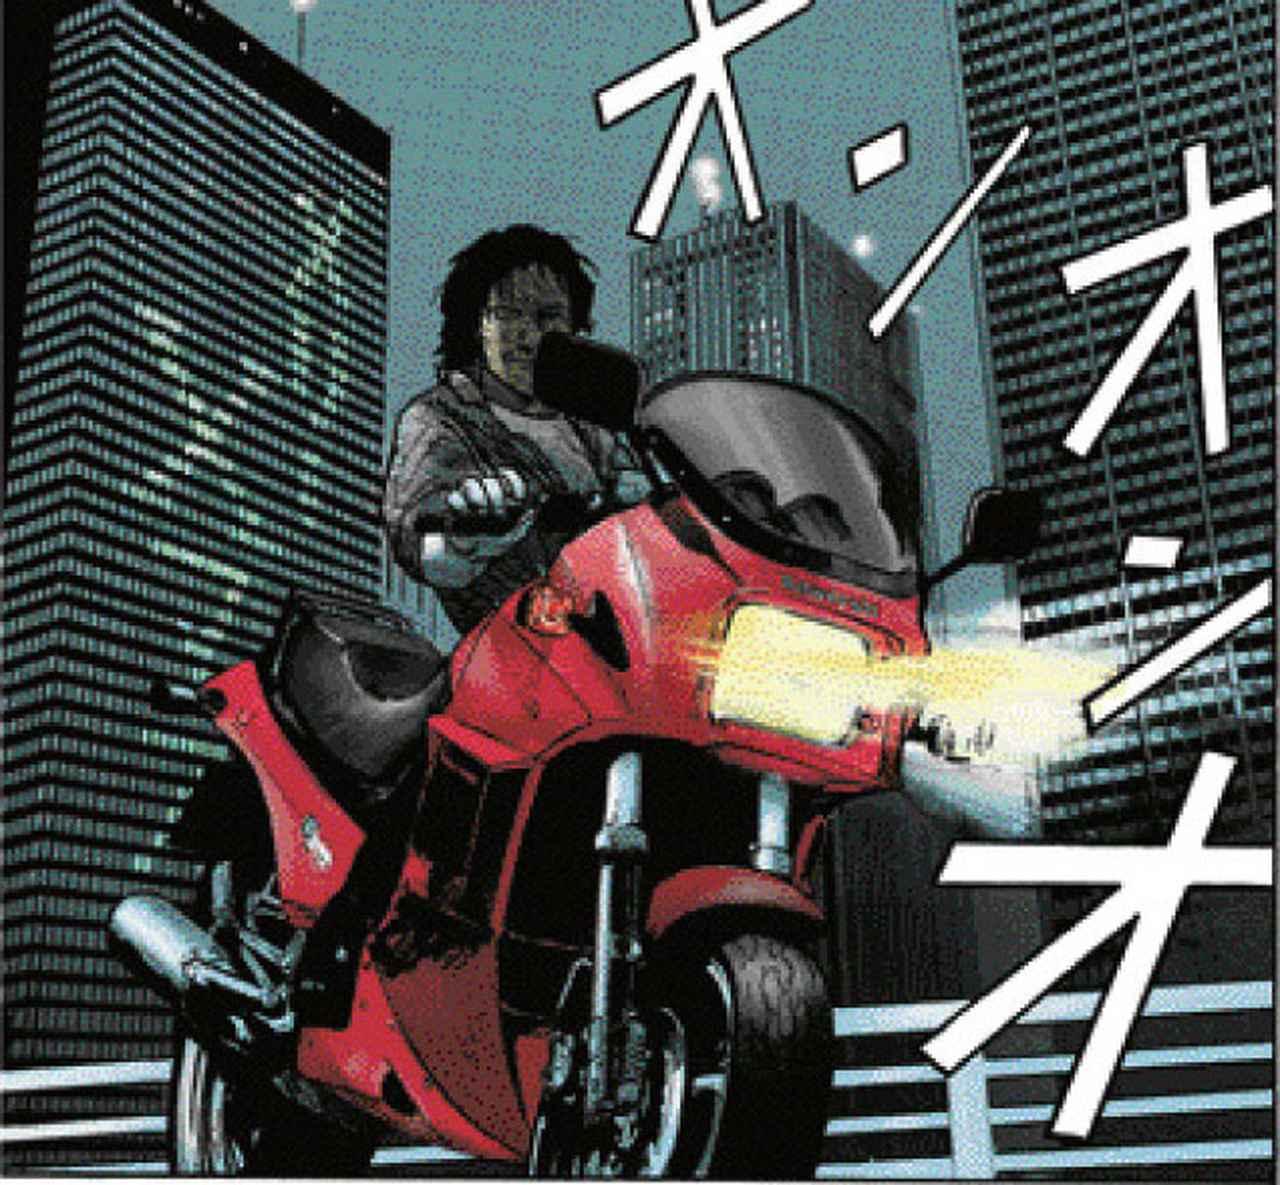 画像1: (キリンファンブック©東本昌平©モーターマガジン社) www.motormagazine.co.jp